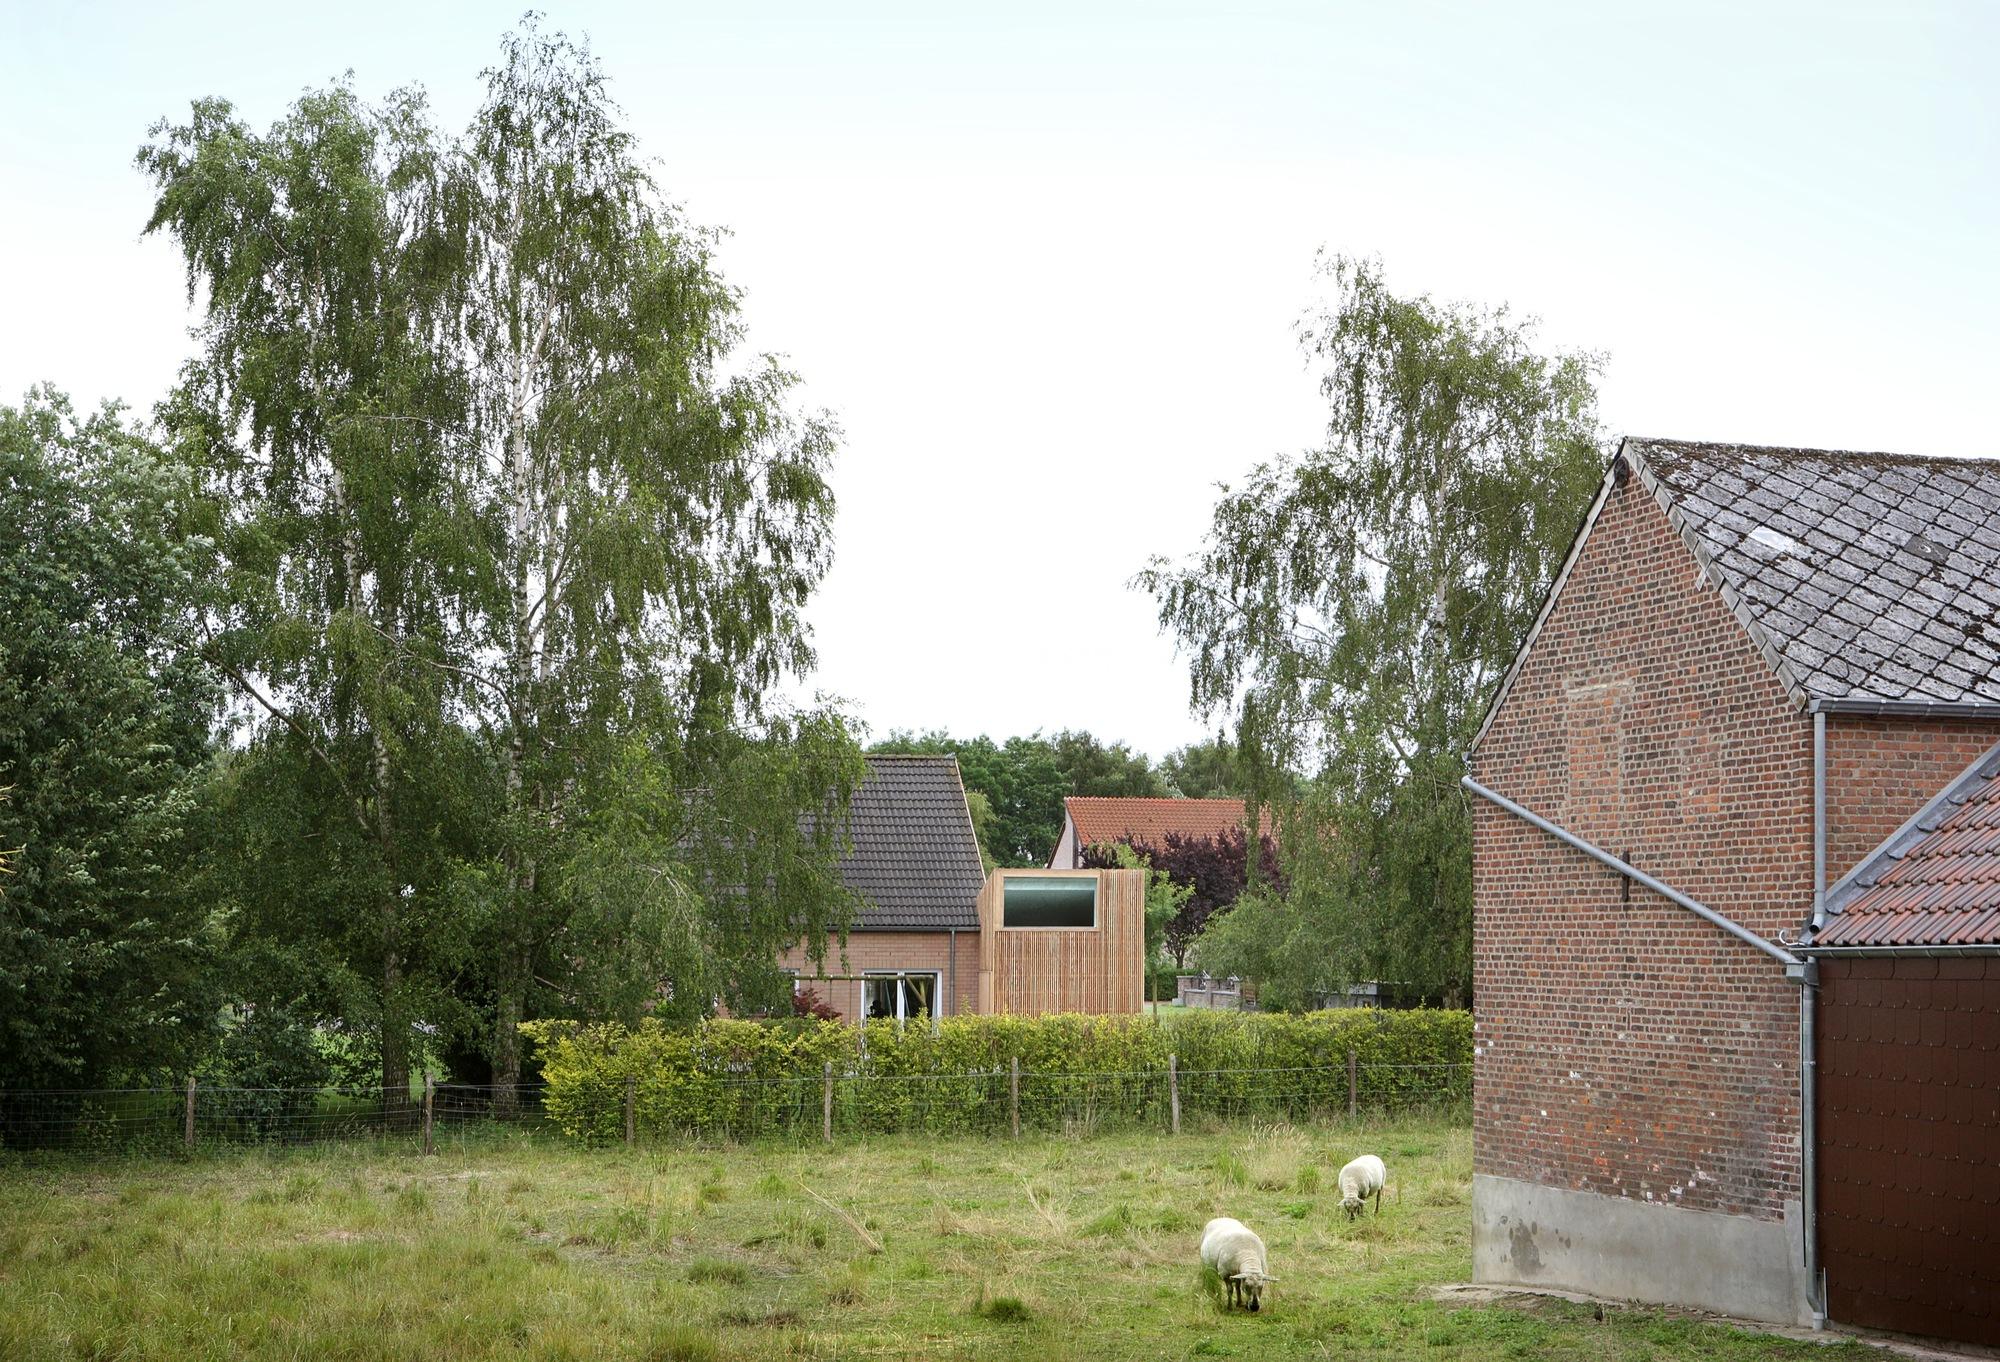 Casa AND - Casa AND